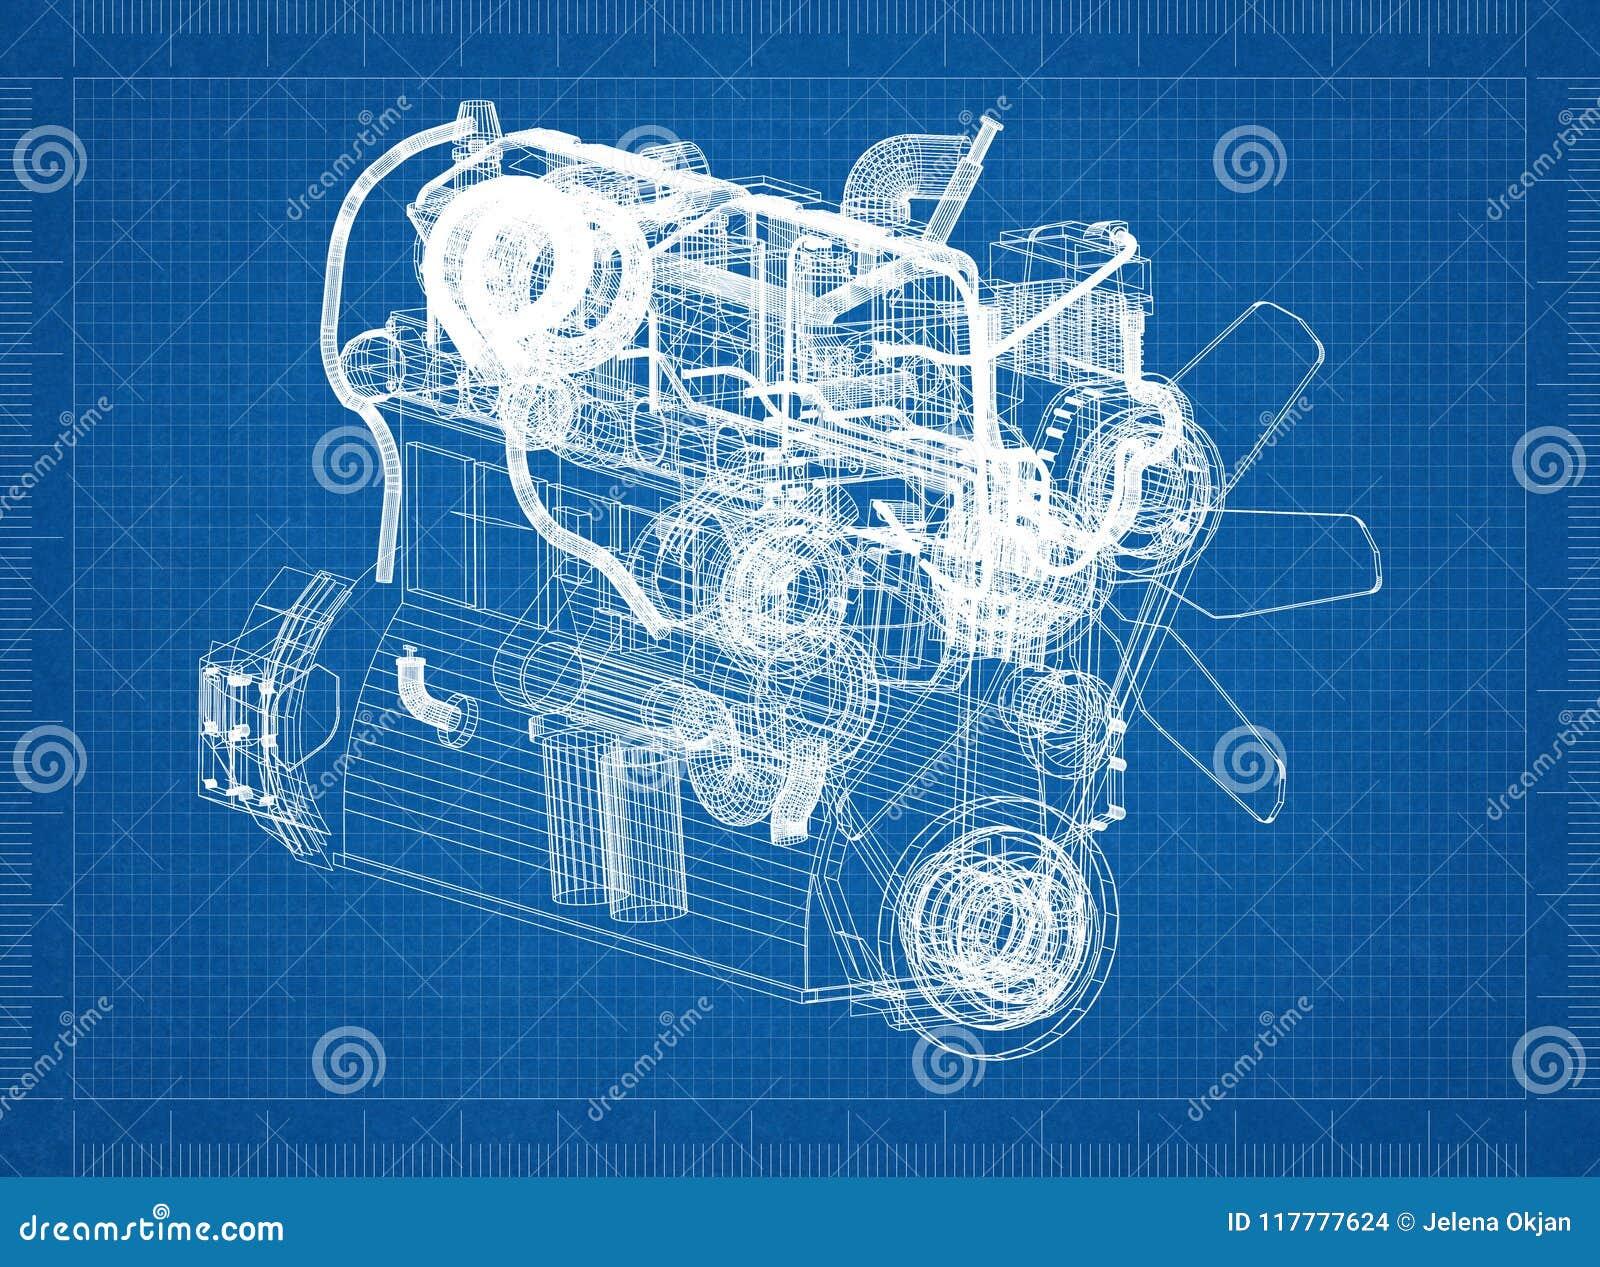 Car engine blueprint stock illustration illustration of graphic download car engine blueprint stock illustration illustration of graphic 117777624 malvernweather Choice Image